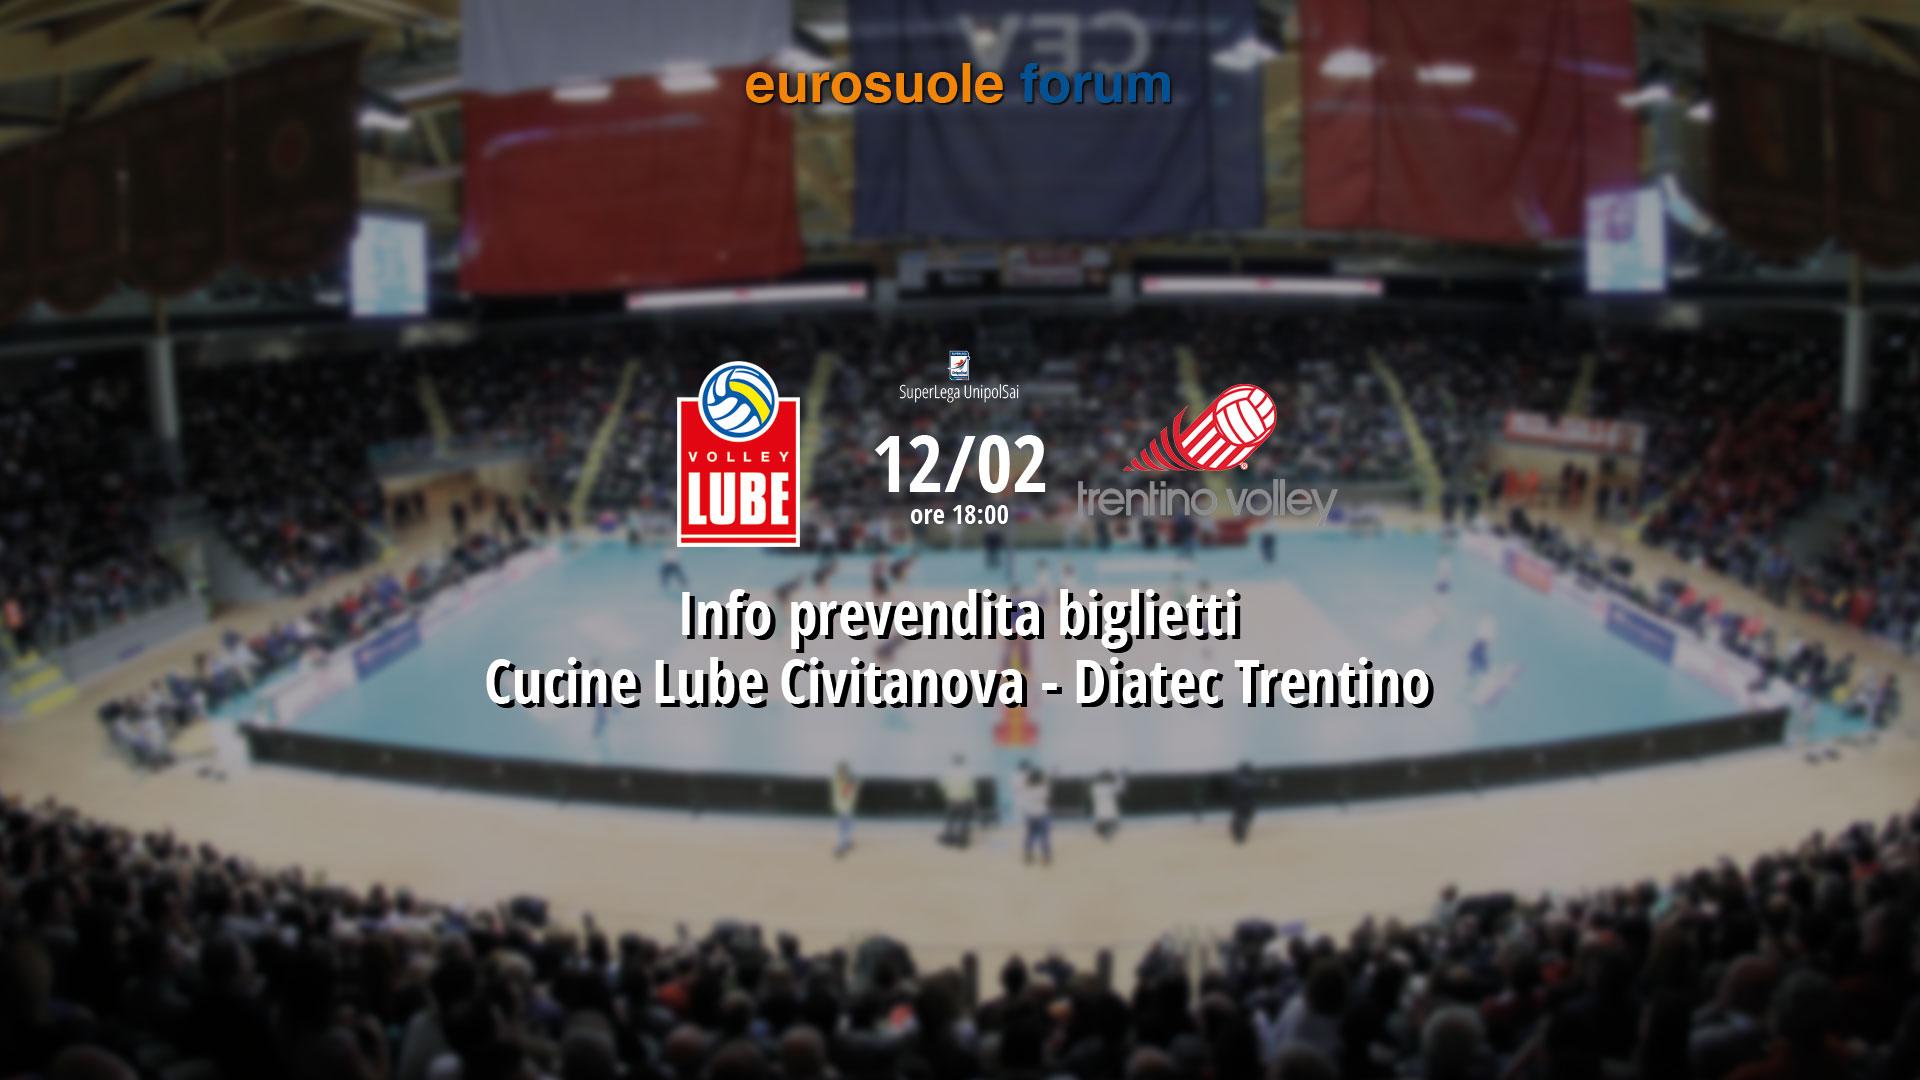 Info prevendita biglietti cucine lube civitanova diatec trentino lube volley official web site - Cucine lube civitanova ...